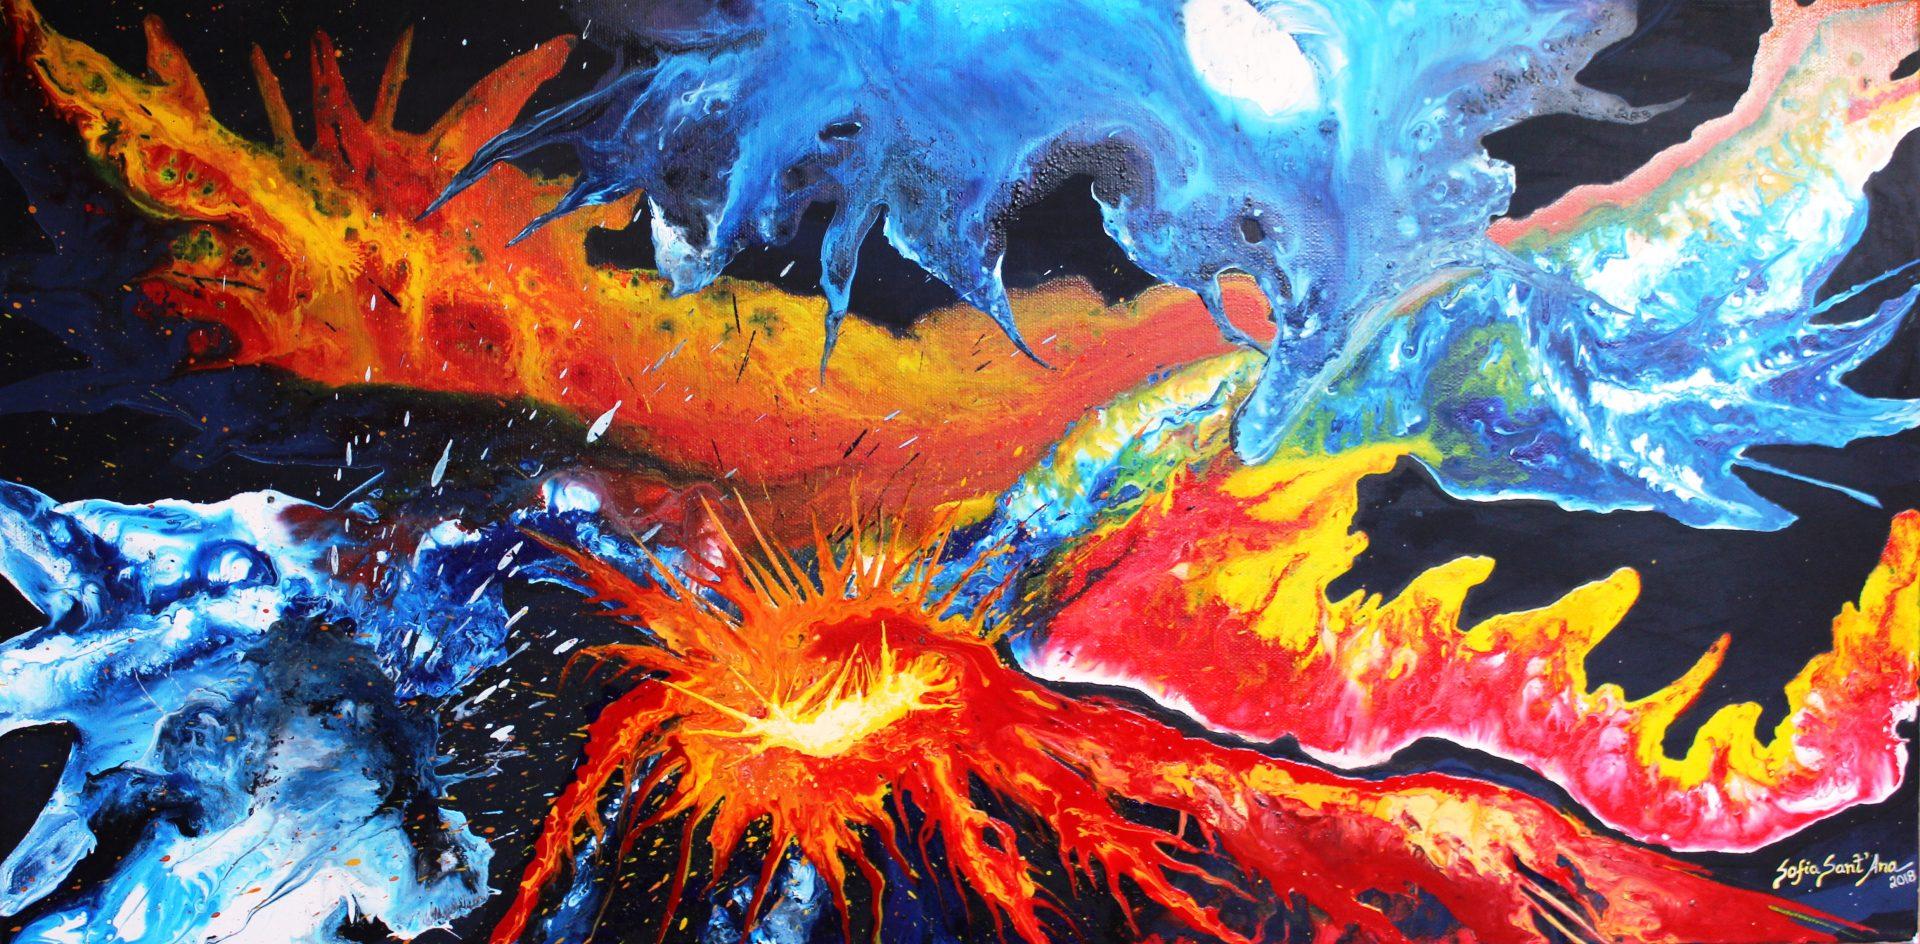 Obra Confronto de titãs pintada à mão em acrílico sobre tela